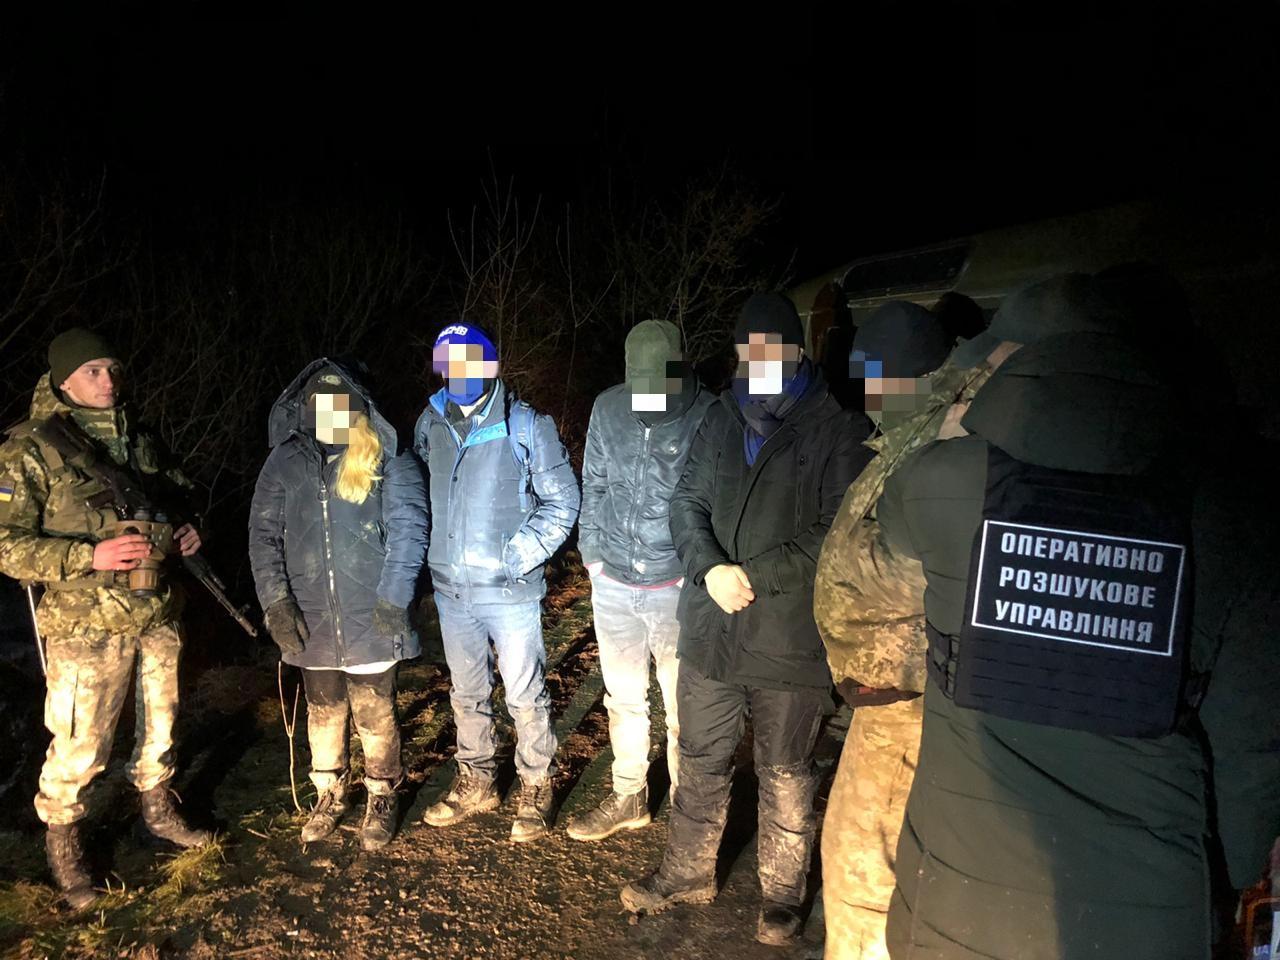 На Закарпатті затримали трьох нелегалів із Сирії та їх переправників